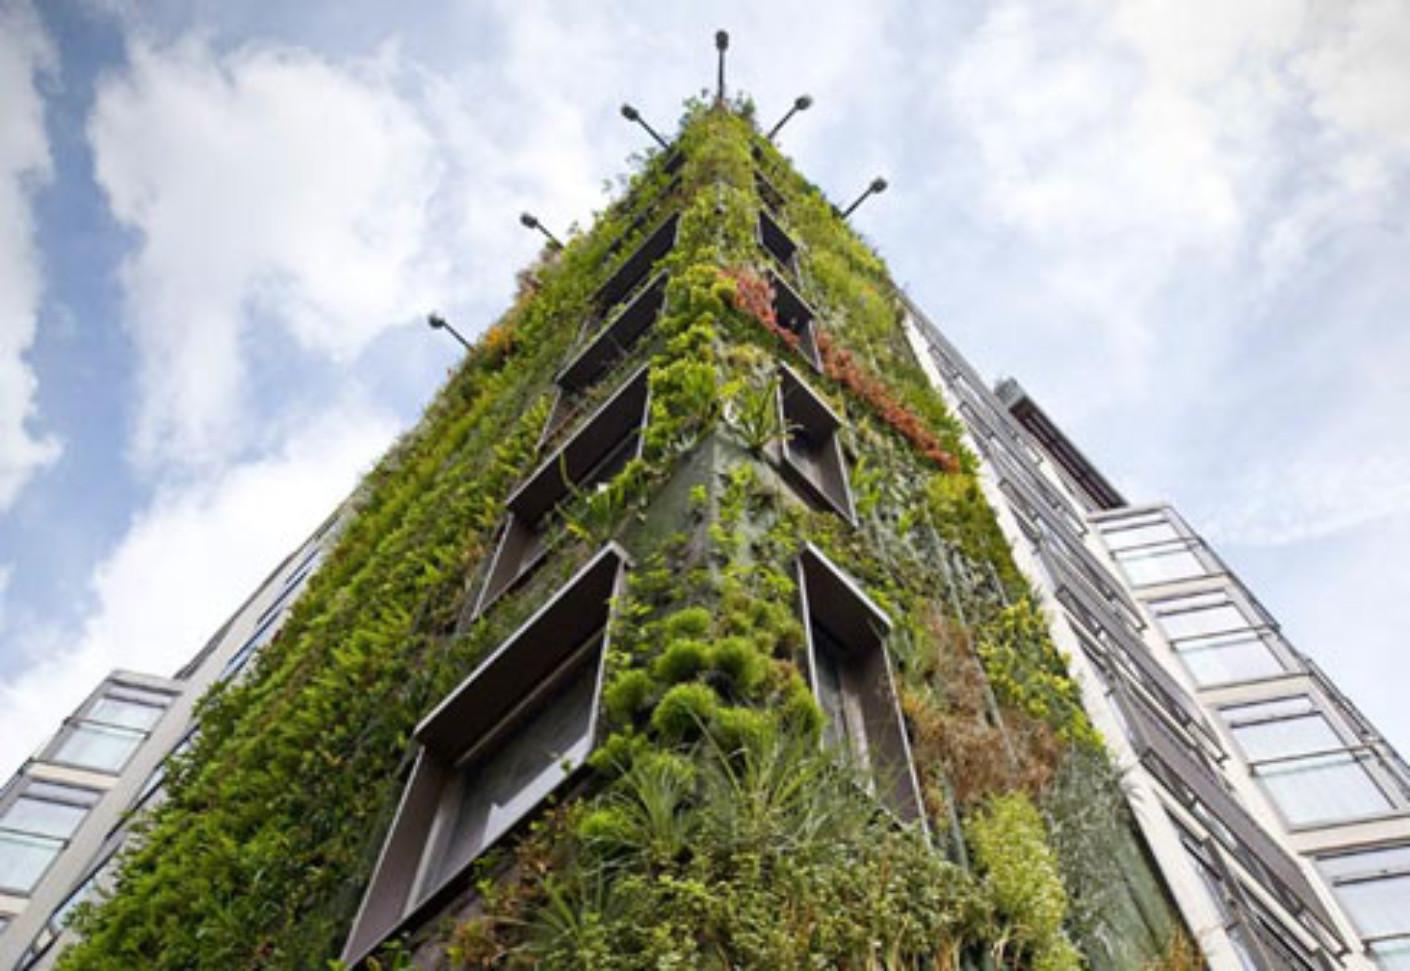 Hotel athanaeum london von patrick blanc vertical garden for Giardino verticale